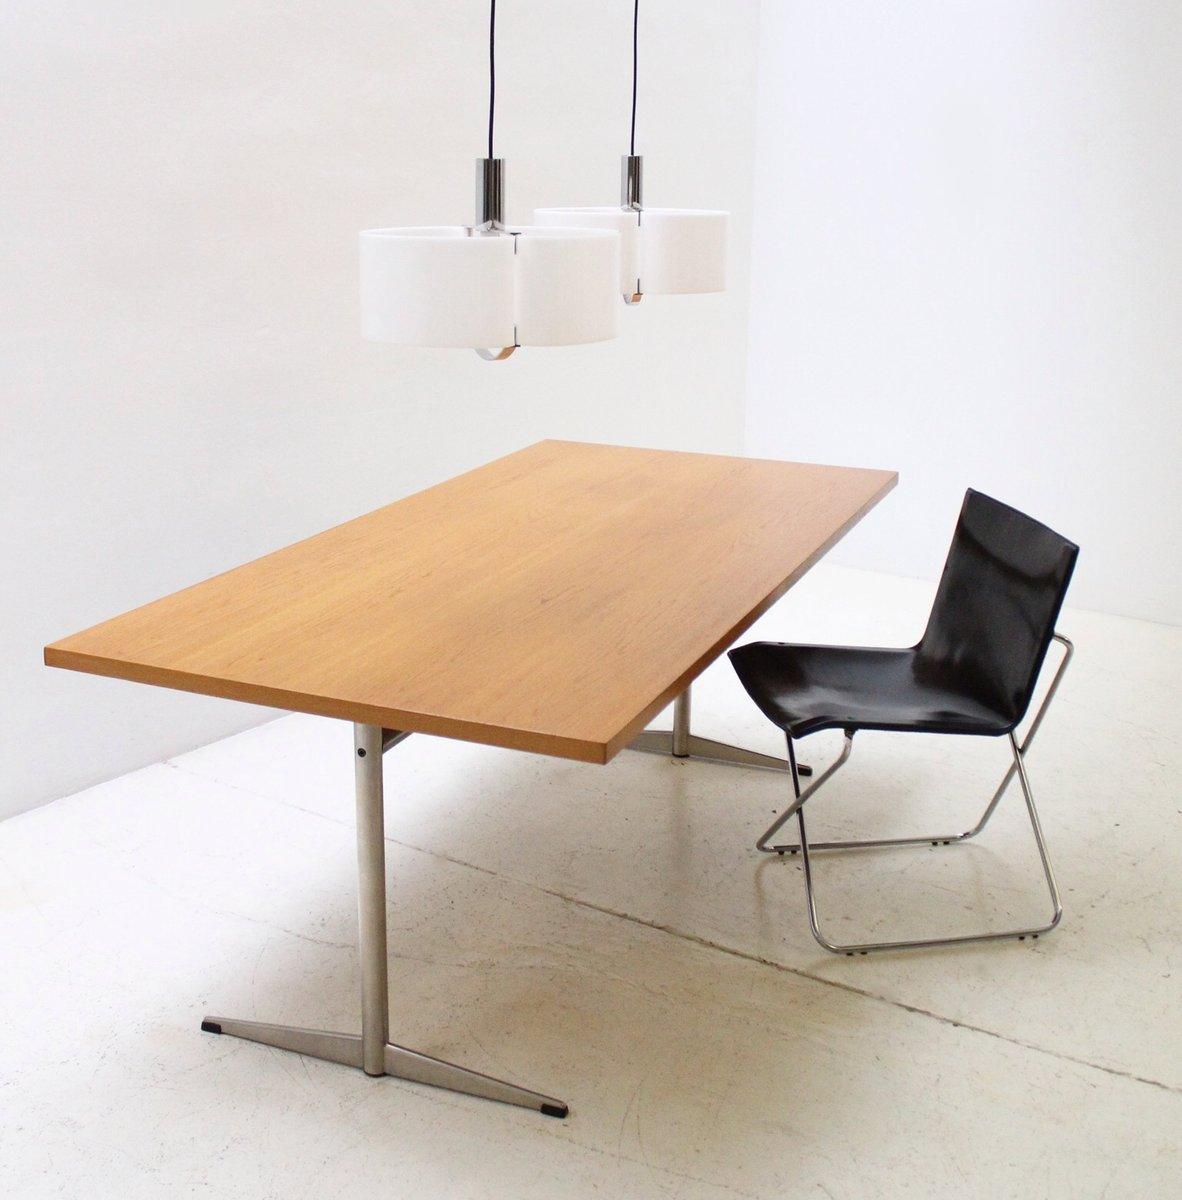 d nischer moderner eichenholz tisch 1970er bei pamono kaufen. Black Bedroom Furniture Sets. Home Design Ideas